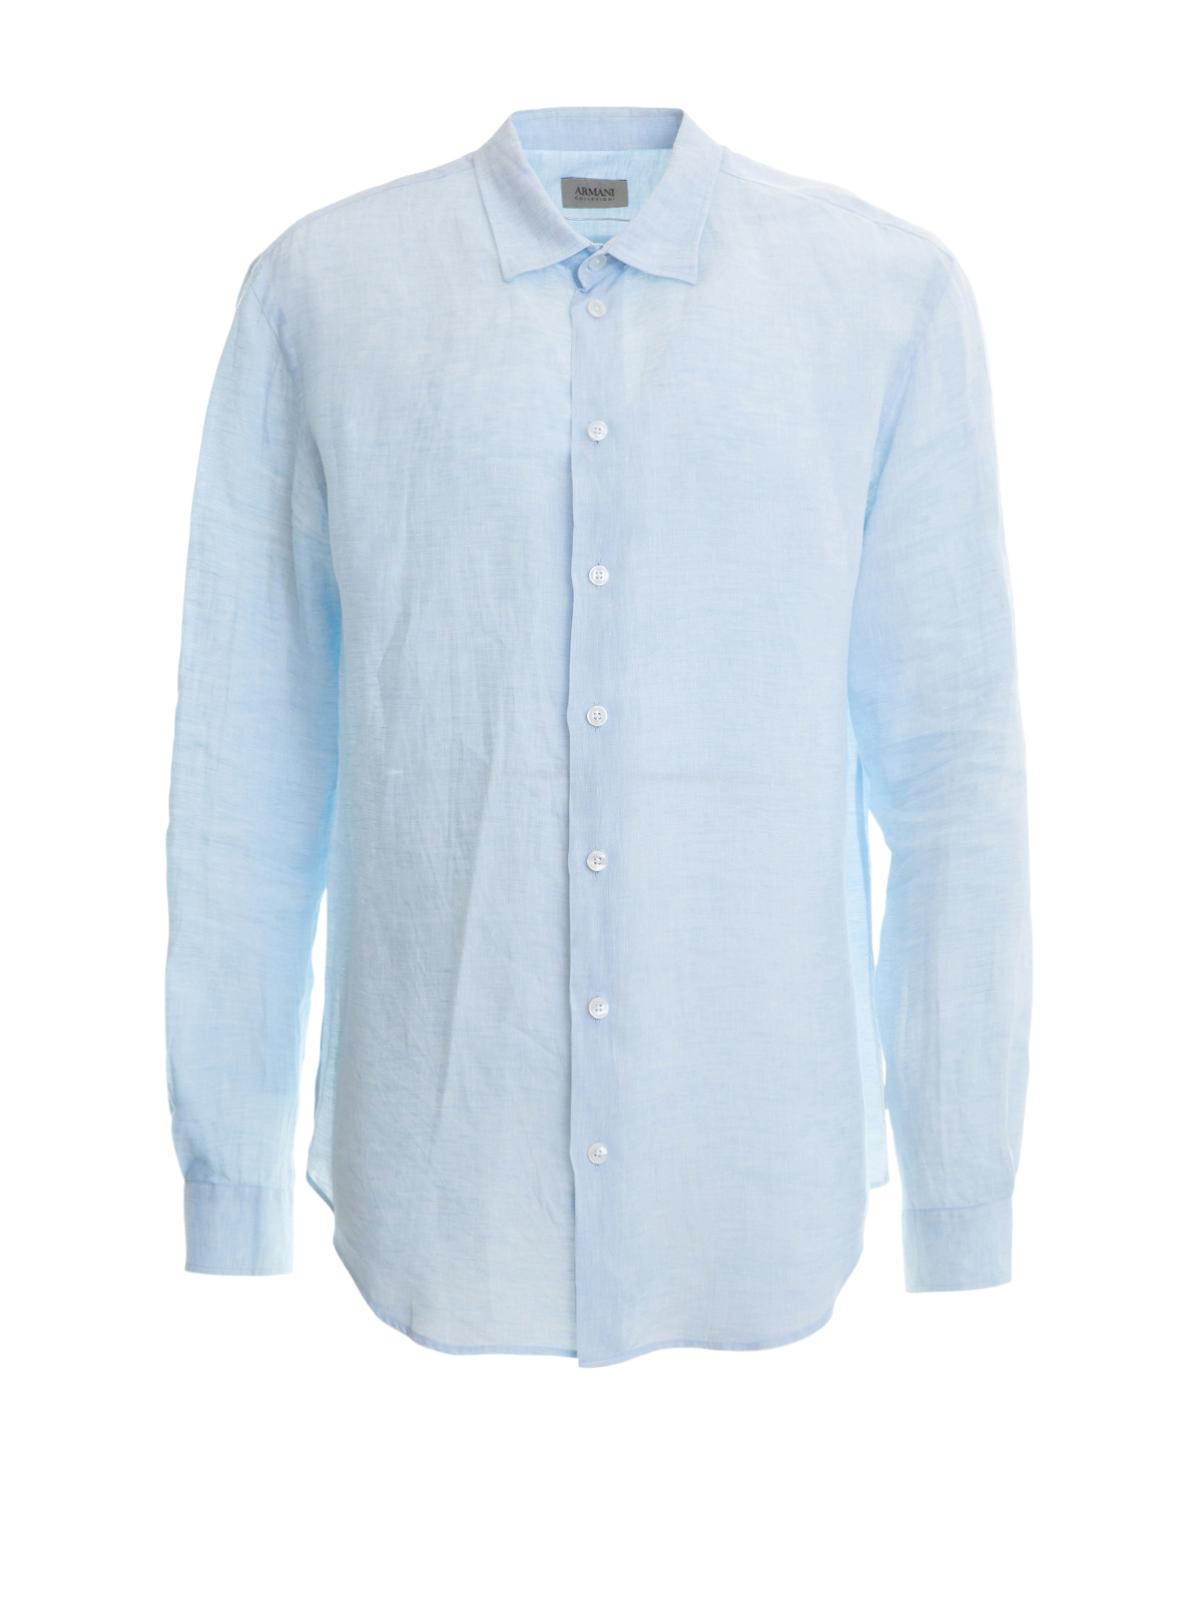 8bbb909223bb Armani Collezioni - Chemise Bleu Clair Pour Homme - Chemises ...